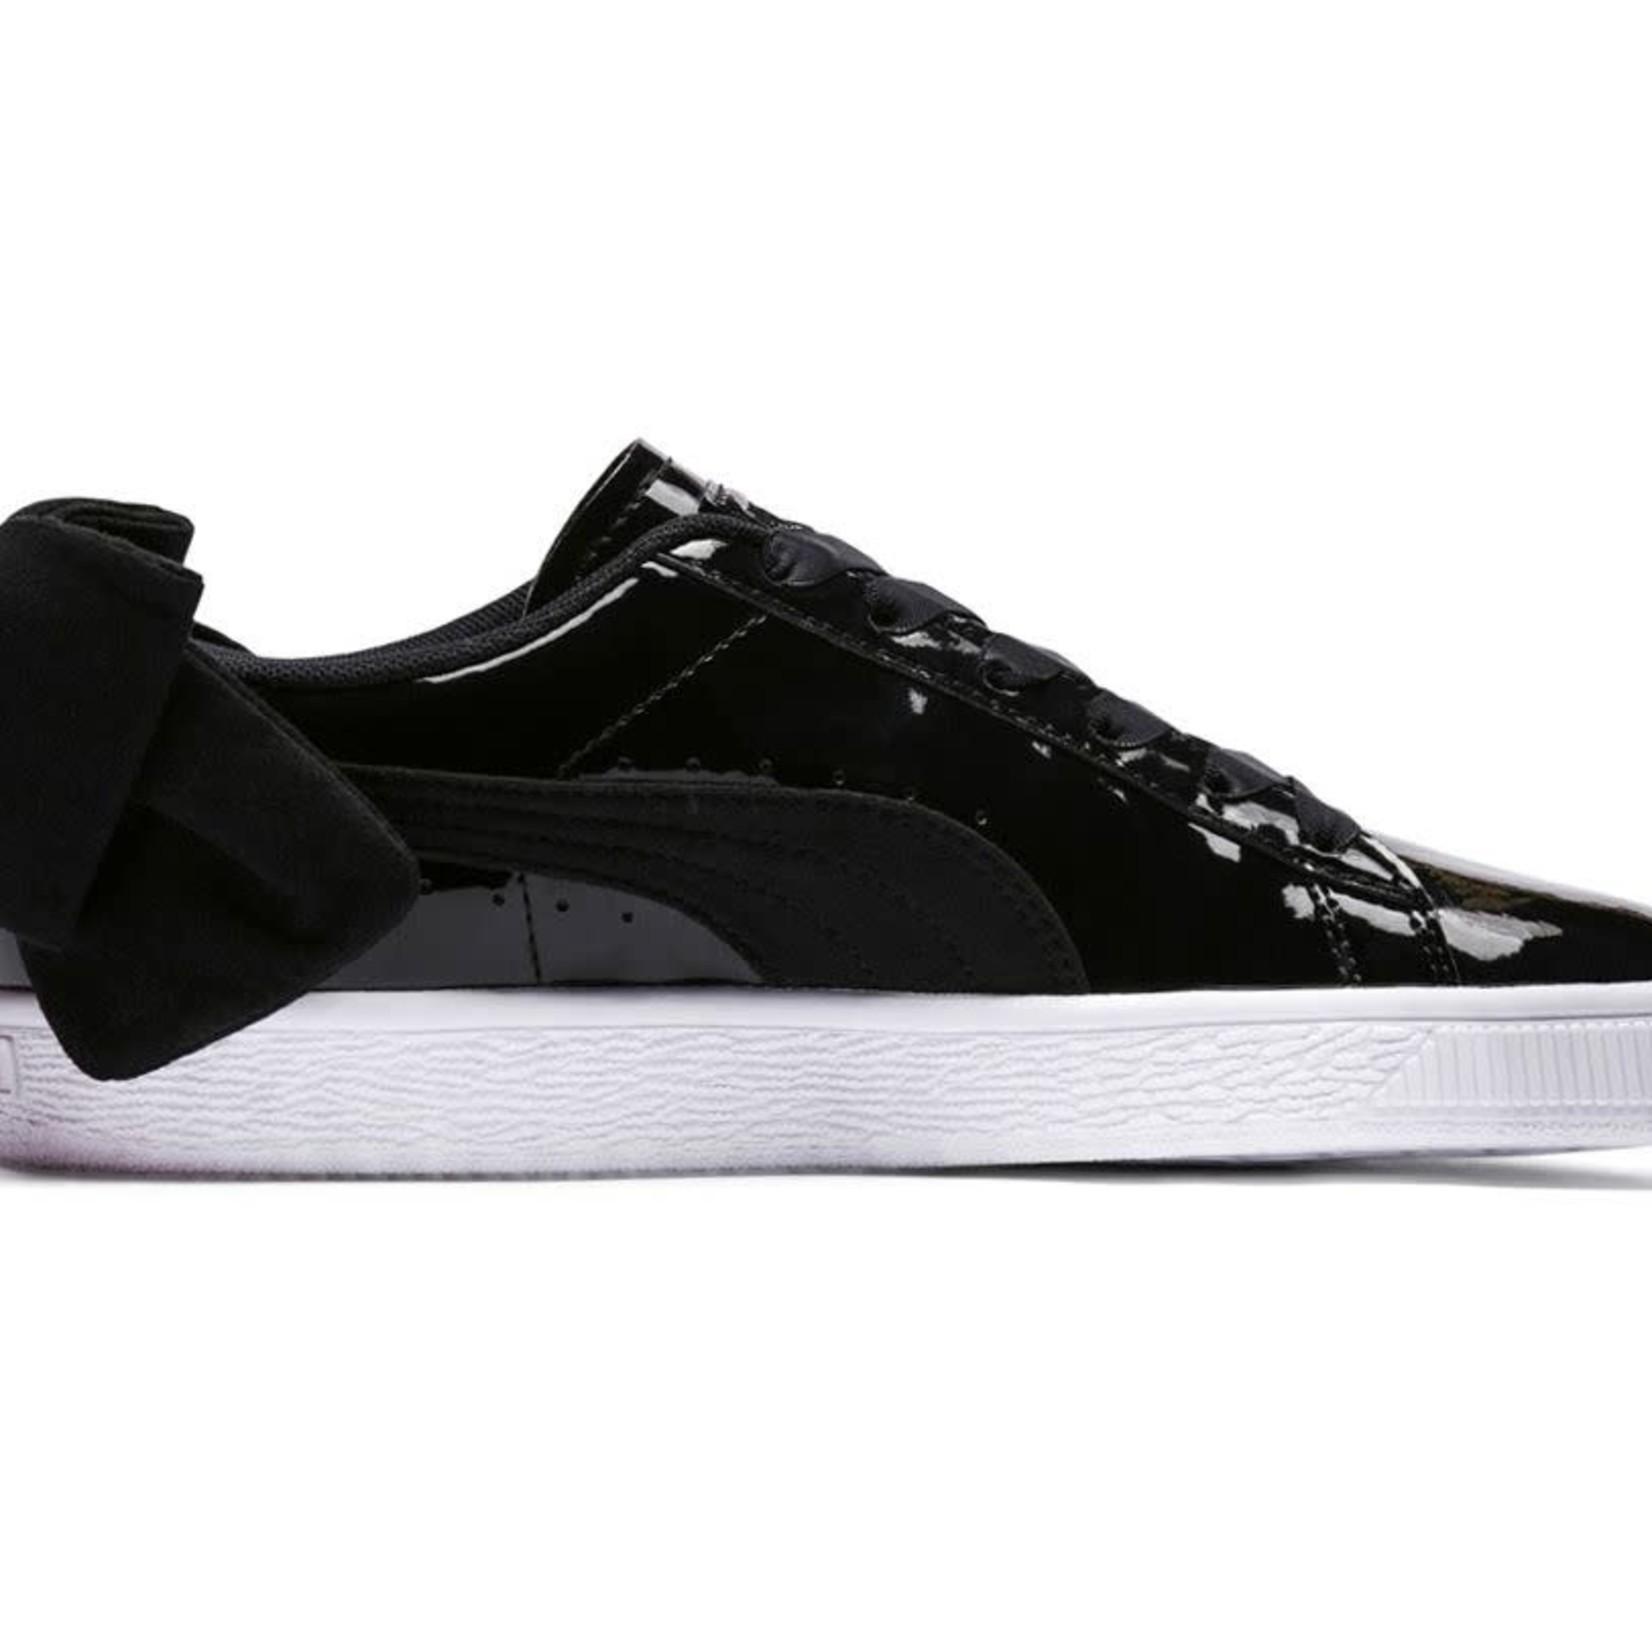 PUMA Puma Footwear : Basket Suede Bow Shoes